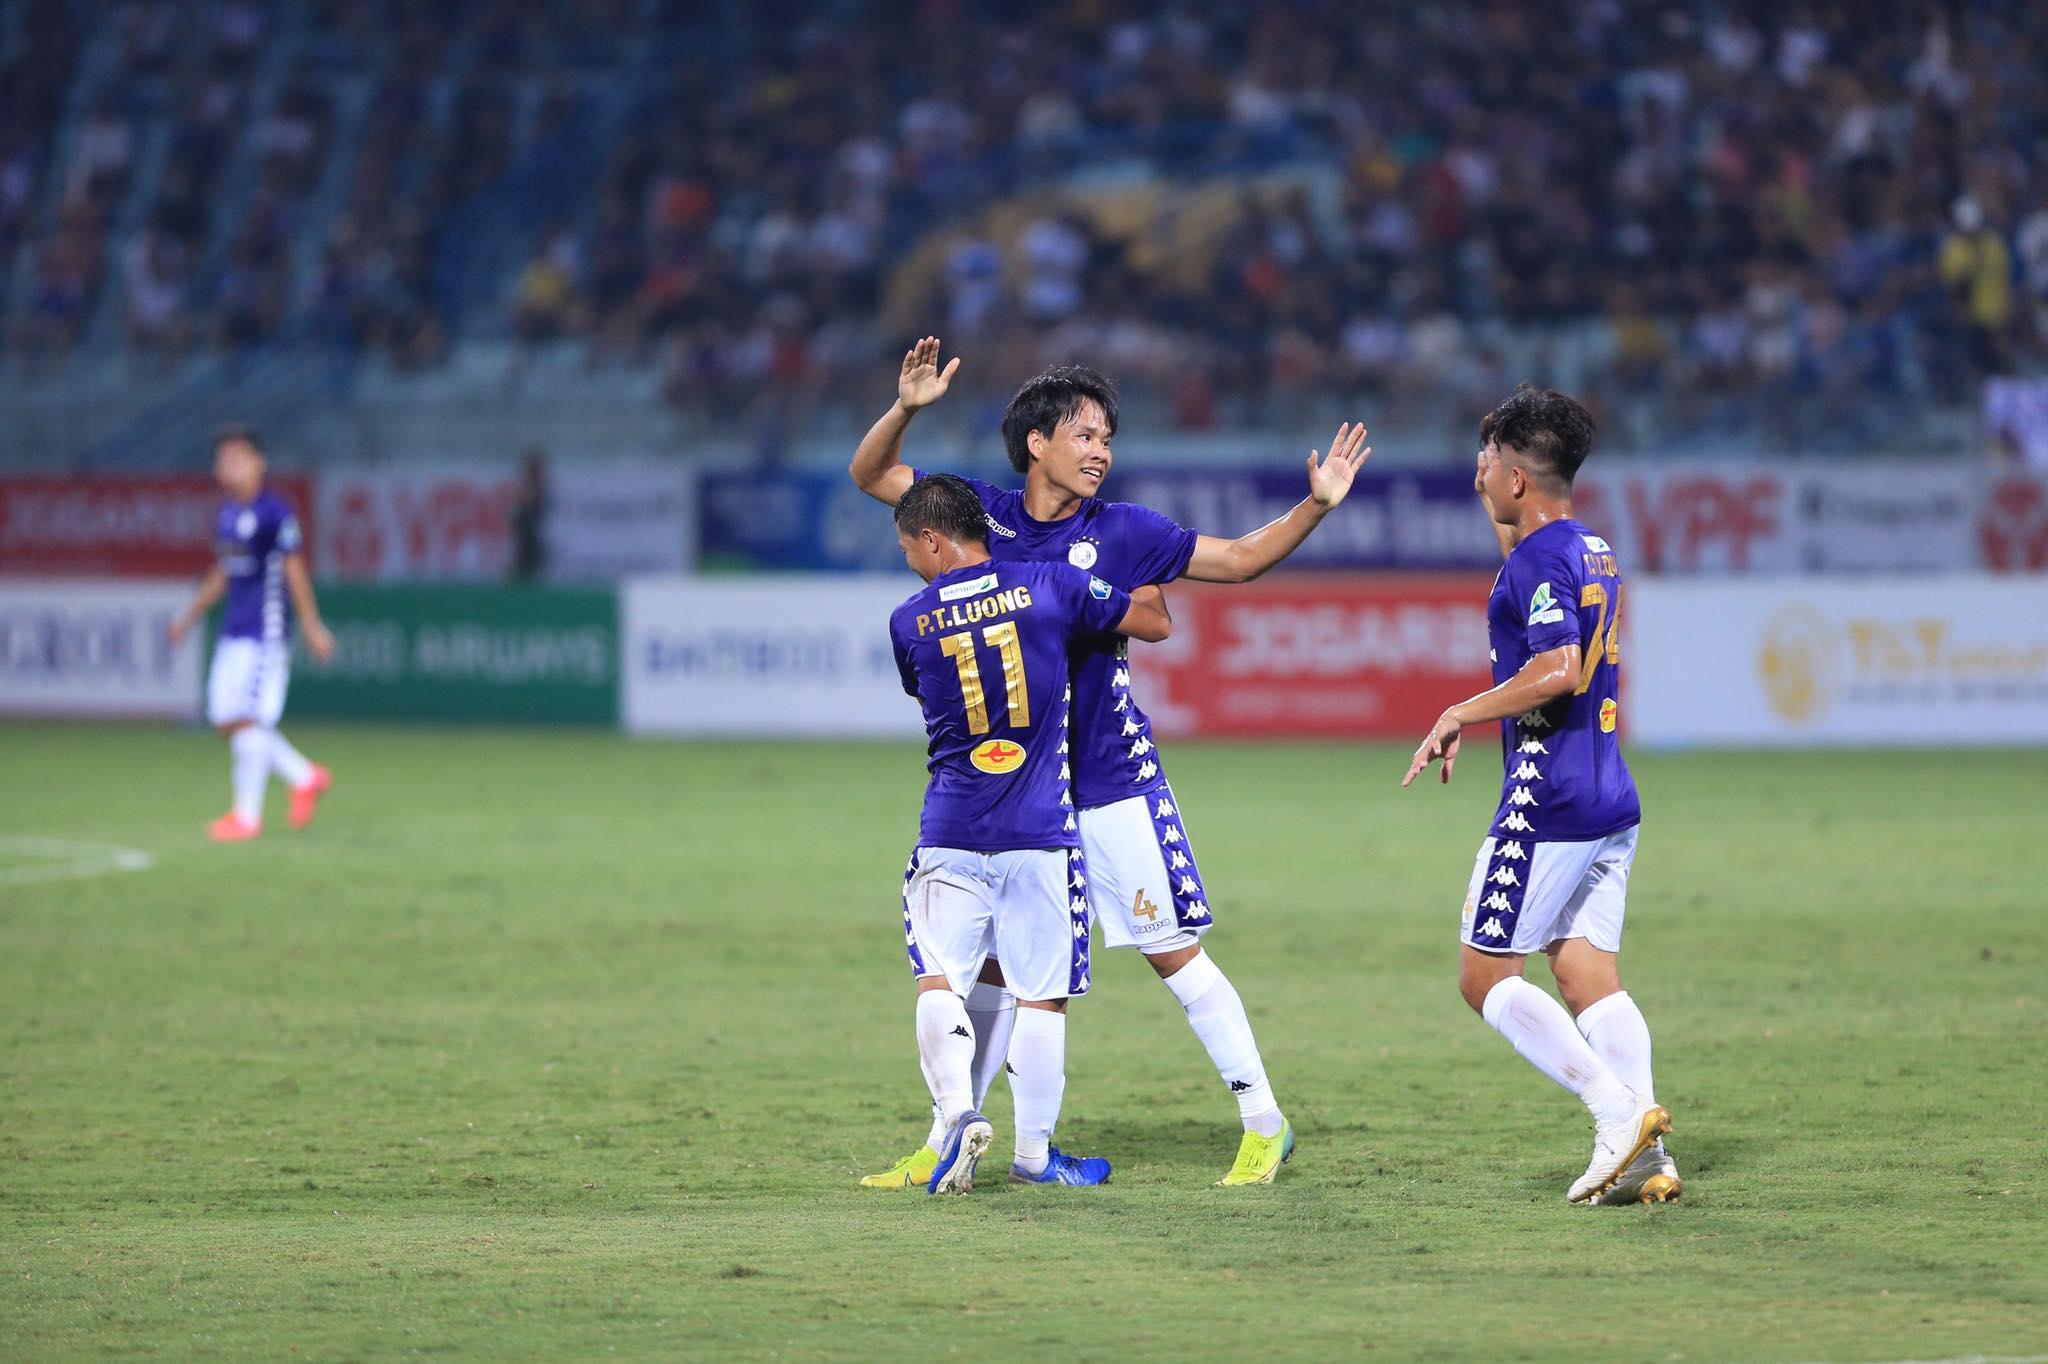 Hà Nội FC hạ quyết tâm giành chiến thắng trước HAGL ở vòng 3 V.League 2020 - Ảnh: Đức Cường